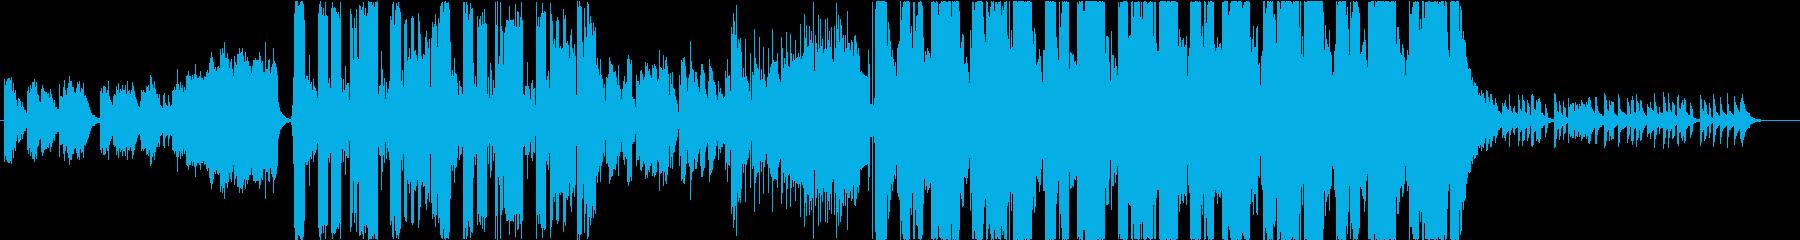 宇宙空間をイメージしたFuturePopの再生済みの波形